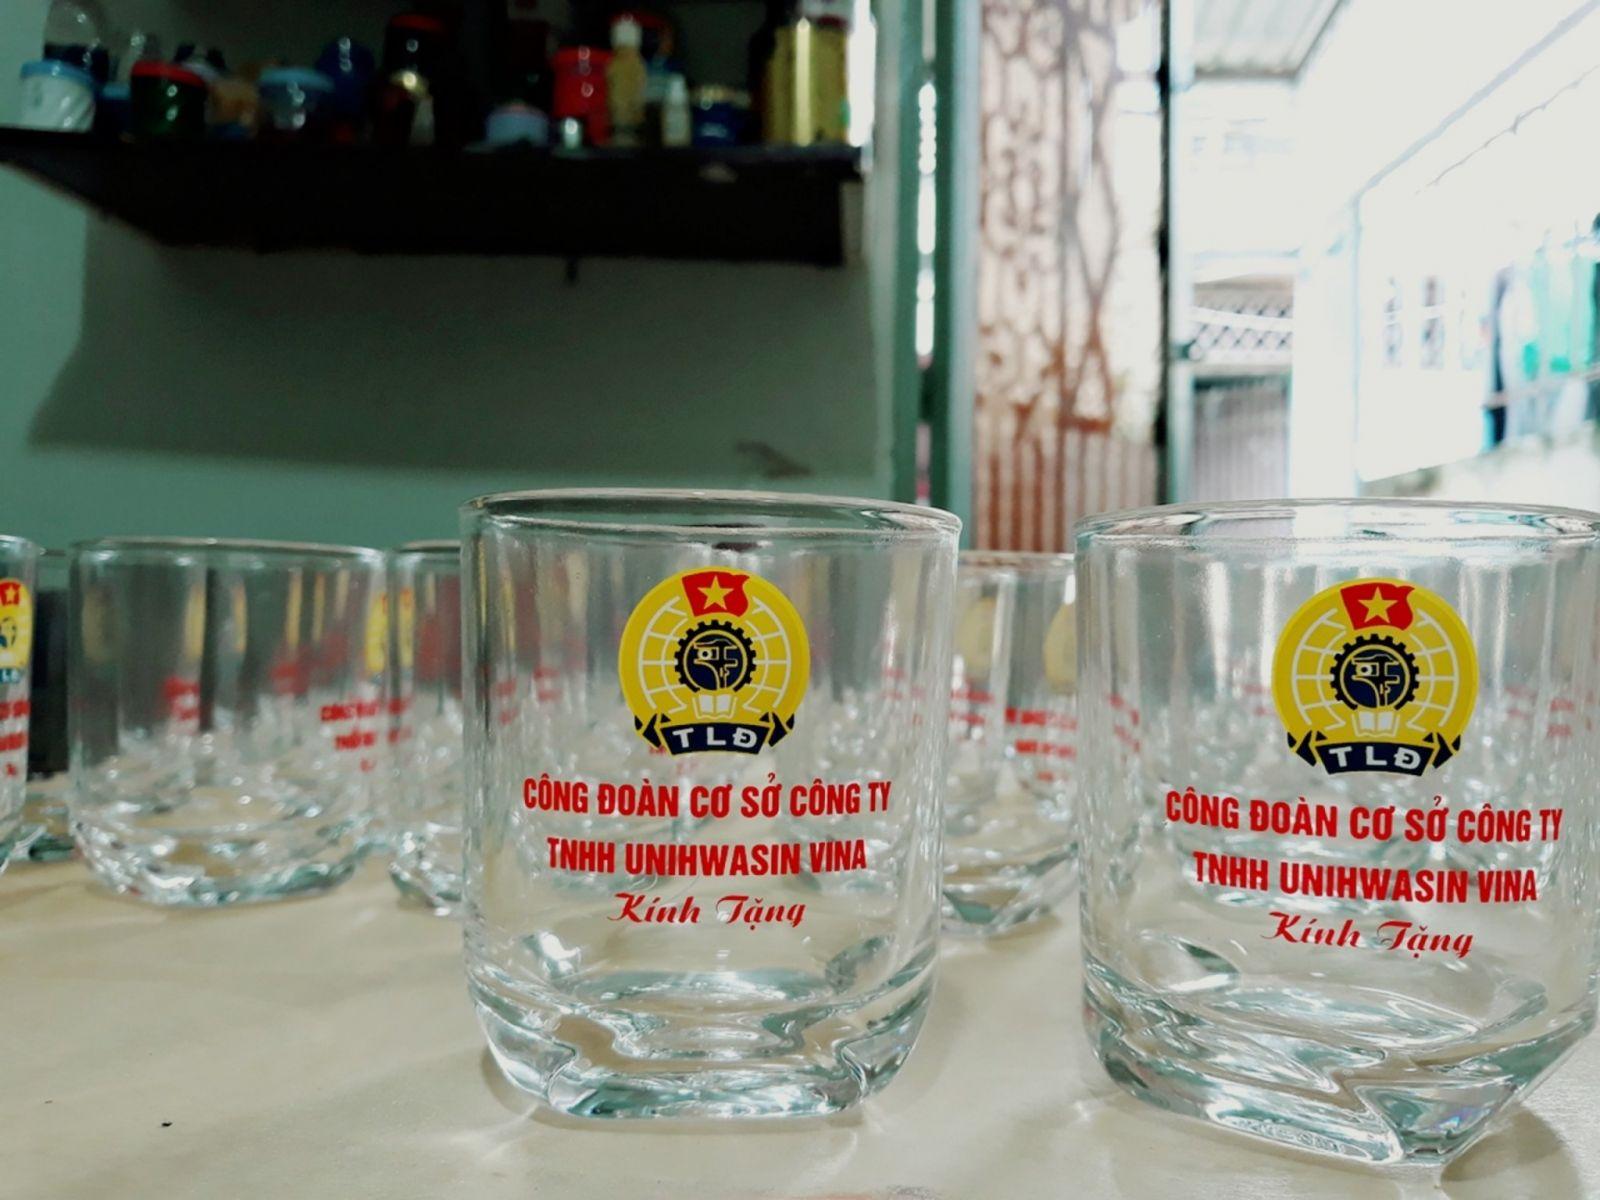 Đặt quà tặng theo yêu cầu - dịch vụ quà tặng thủy tinh in logo tại tphcm